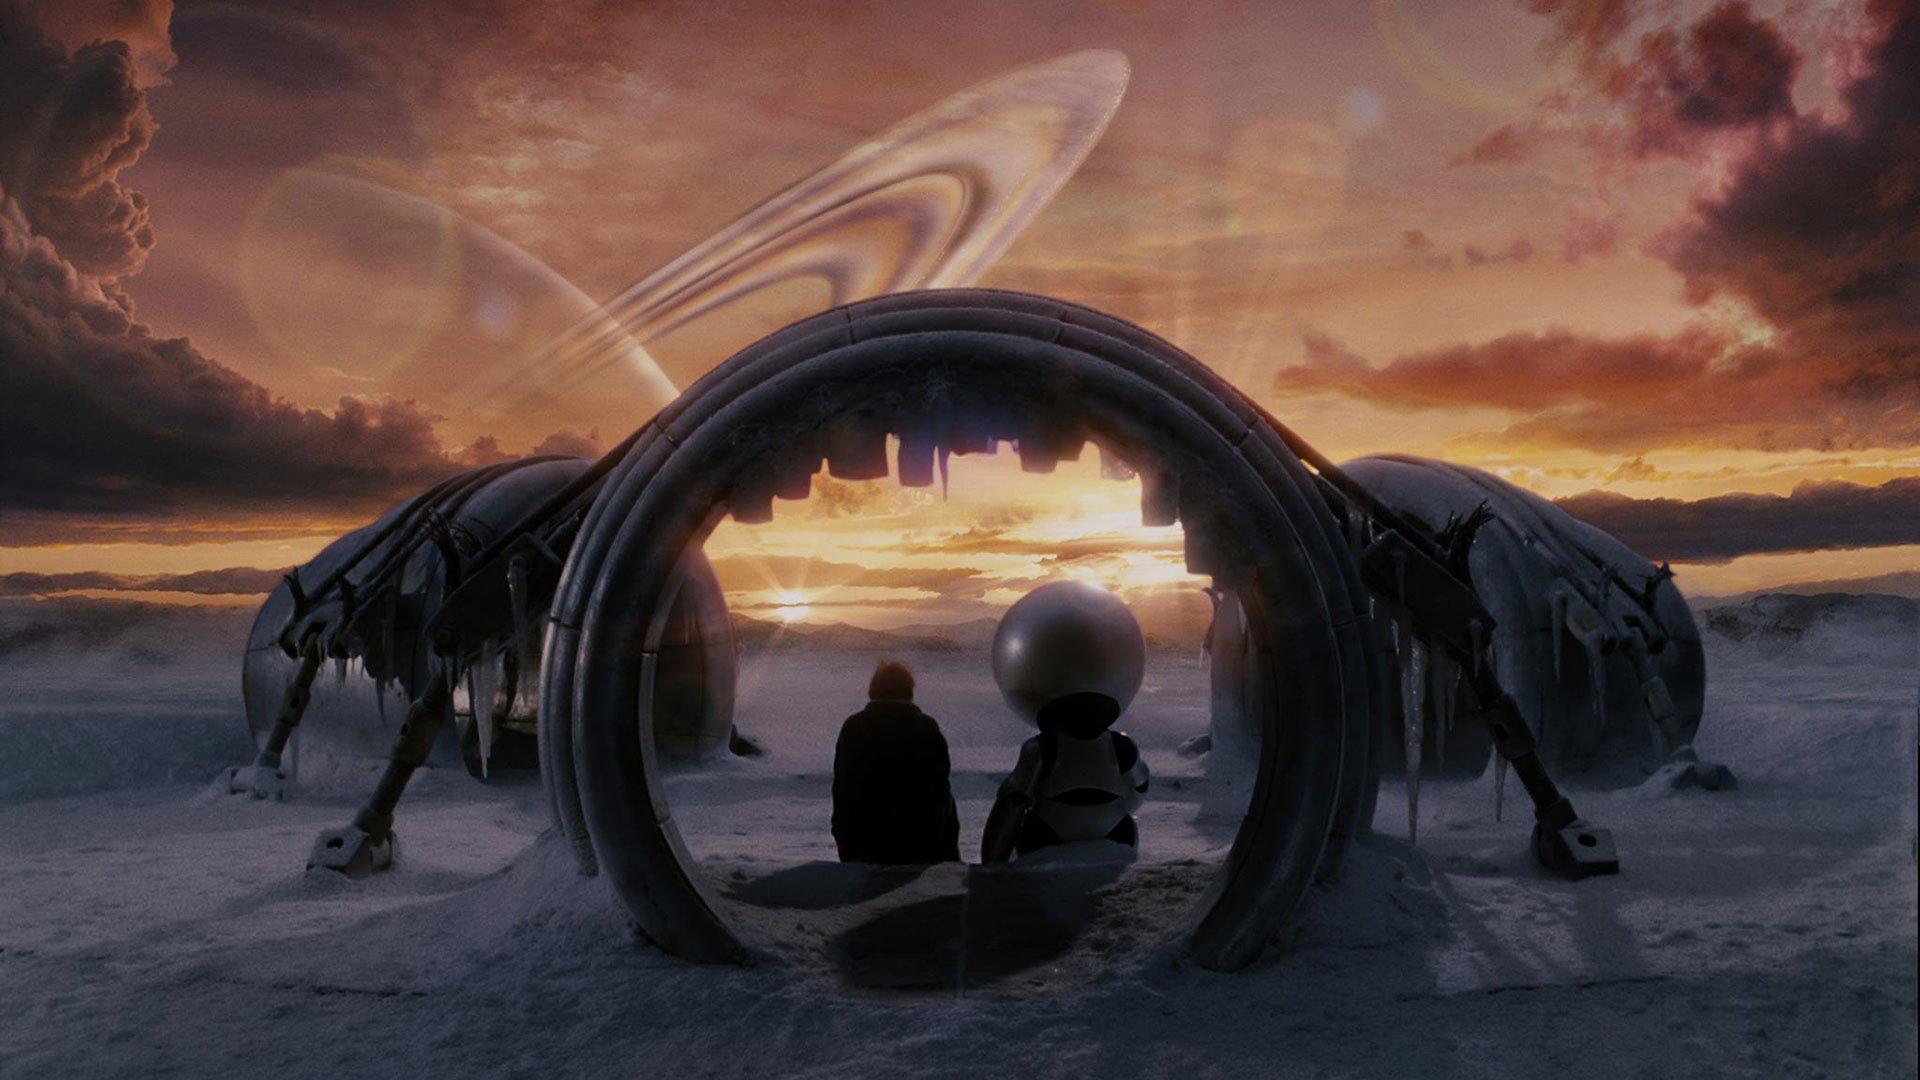 Автостопом по Галактике смотреть фото